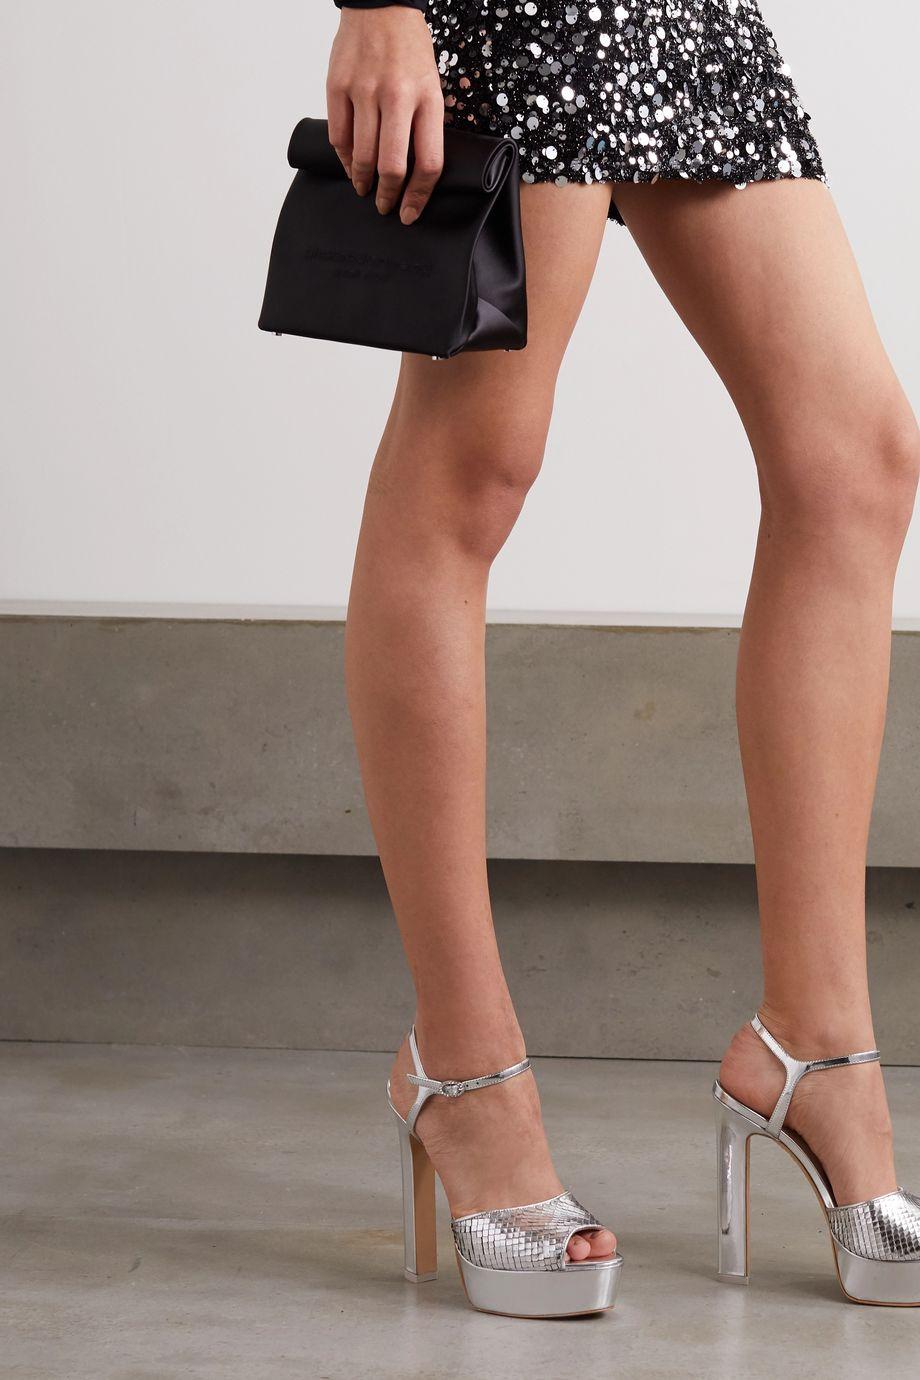 Sophia Webster Natalia metallic snake-effect leather platform sandals